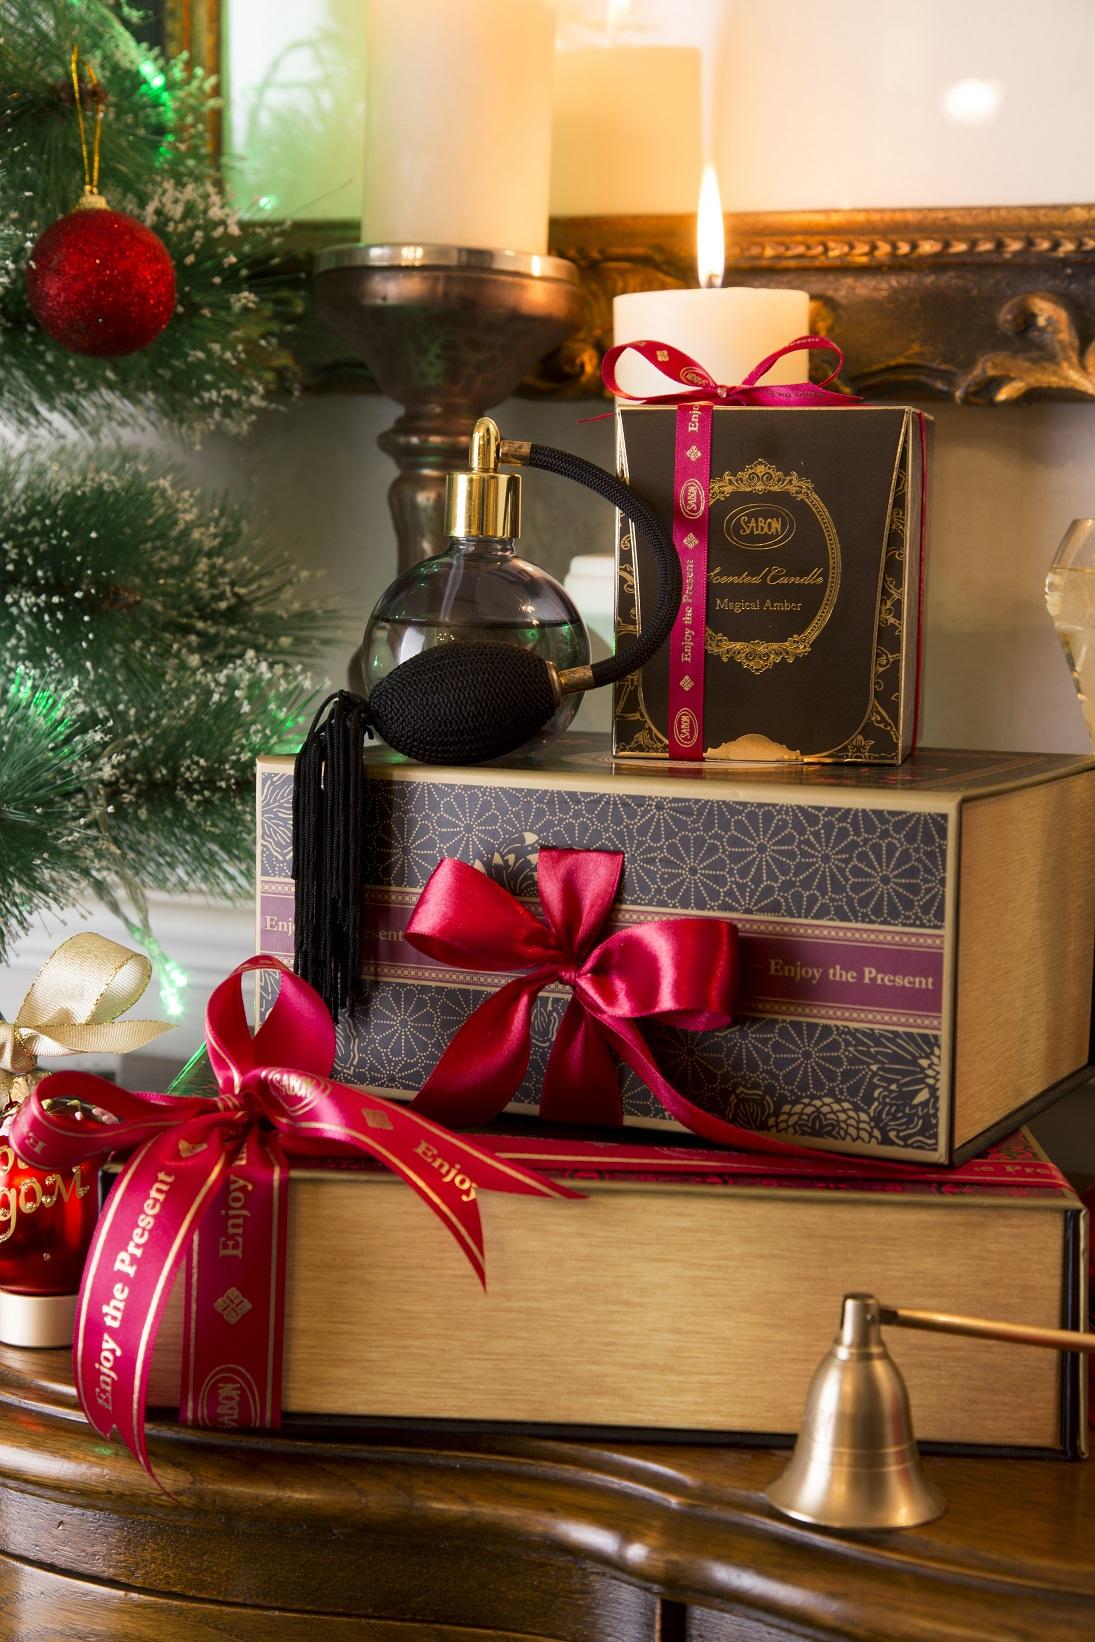 Новогодние подарки в атмосферных бутиках Sabon